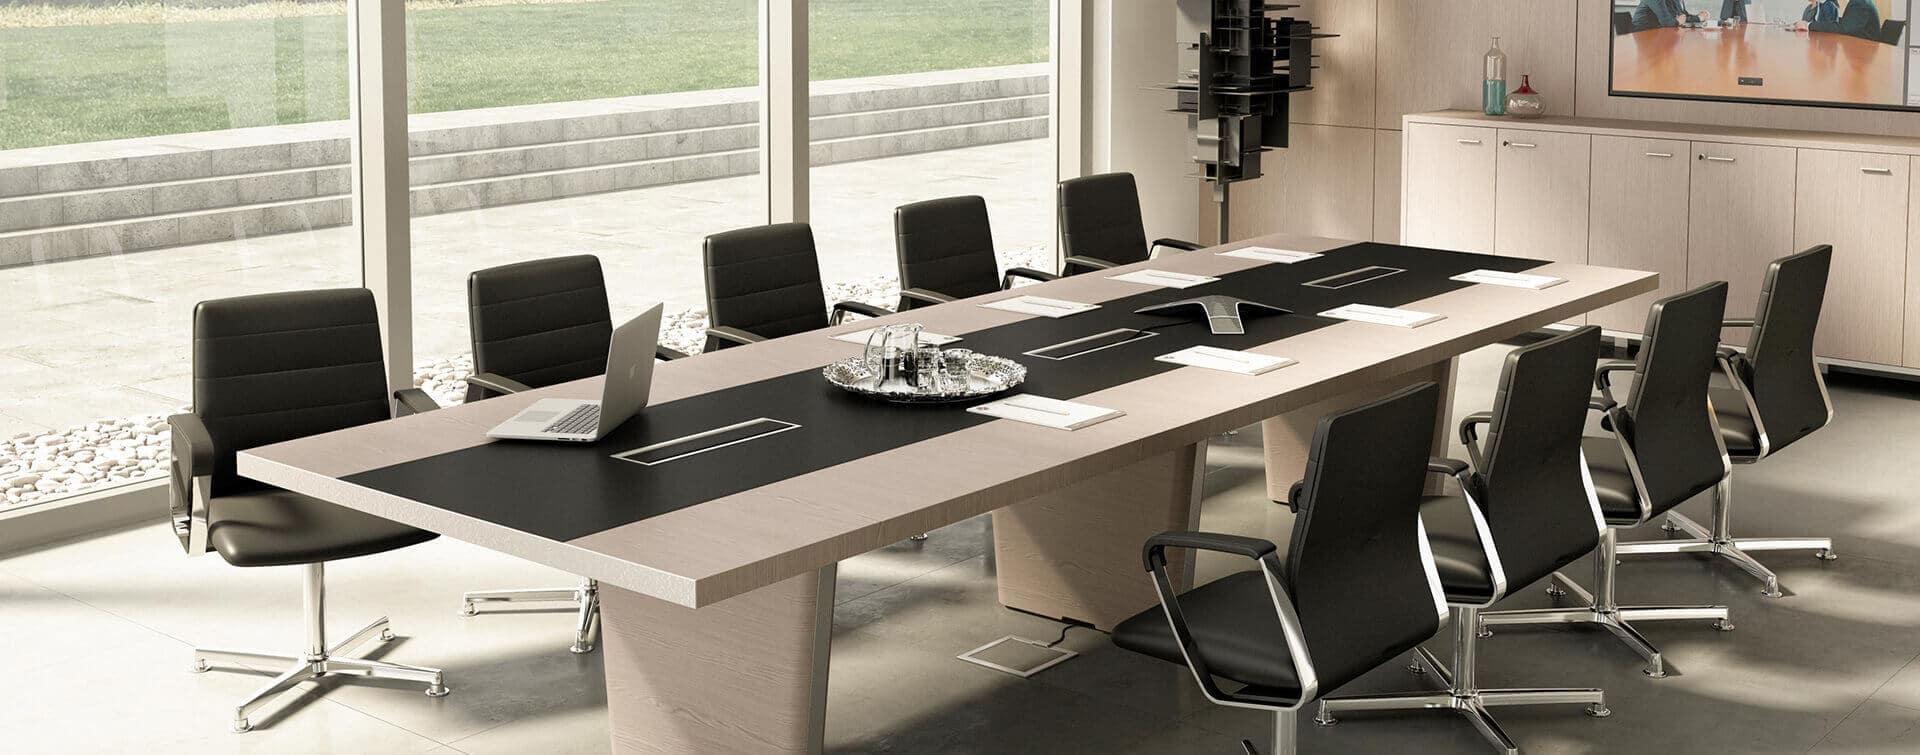 Ambiente moderno para reuniones productivas para el negocio